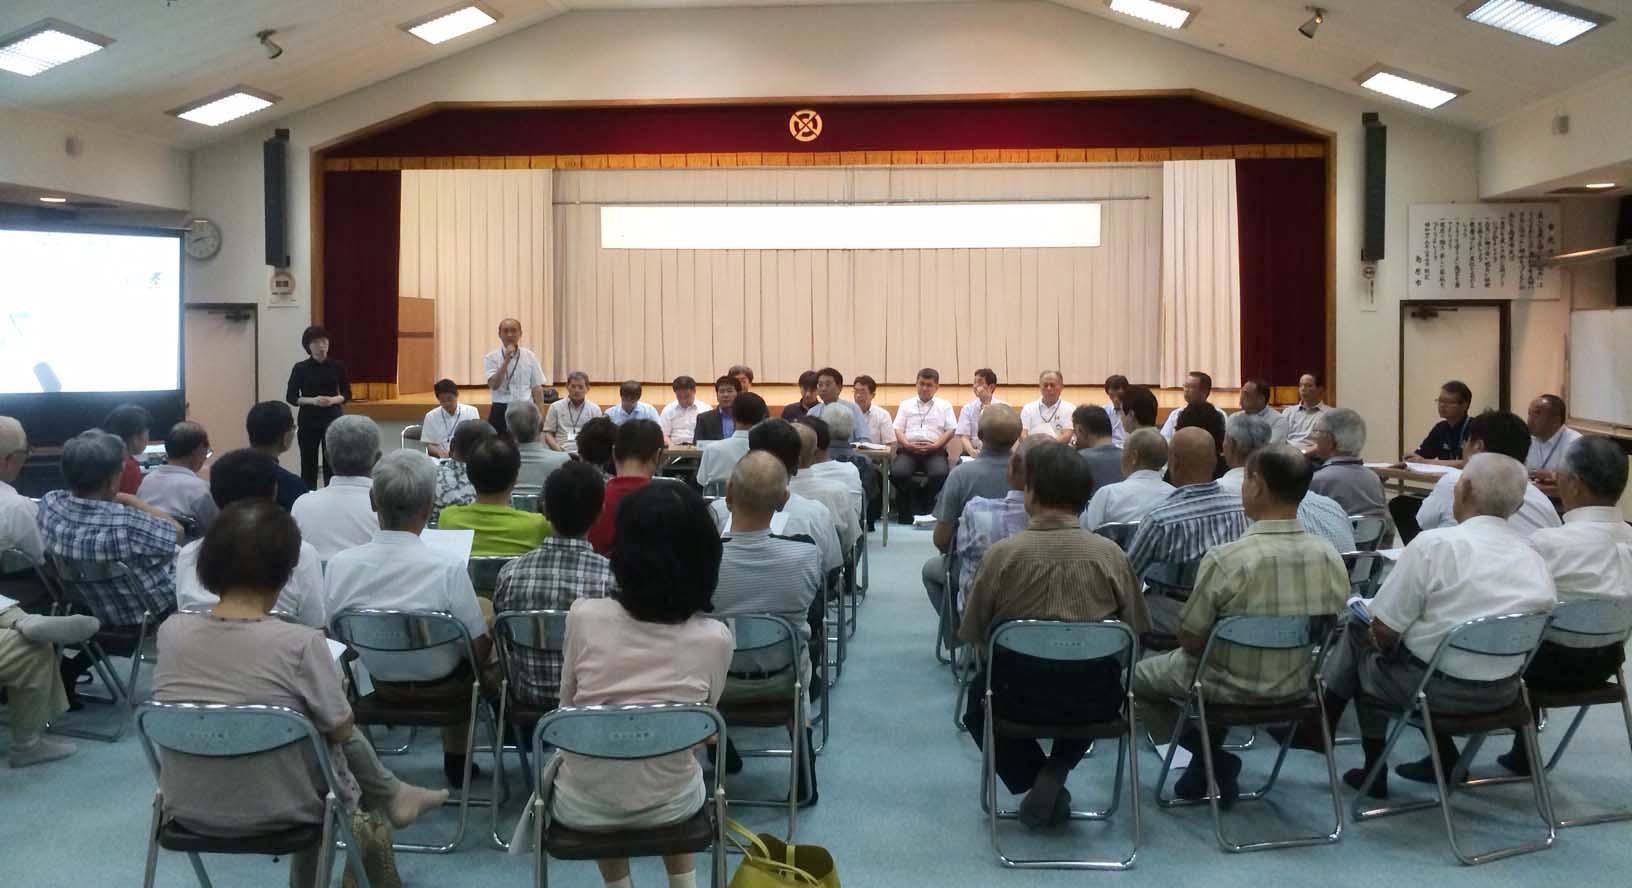 市長を囲む懇談会(白山編)_c0052876_1824960.jpg